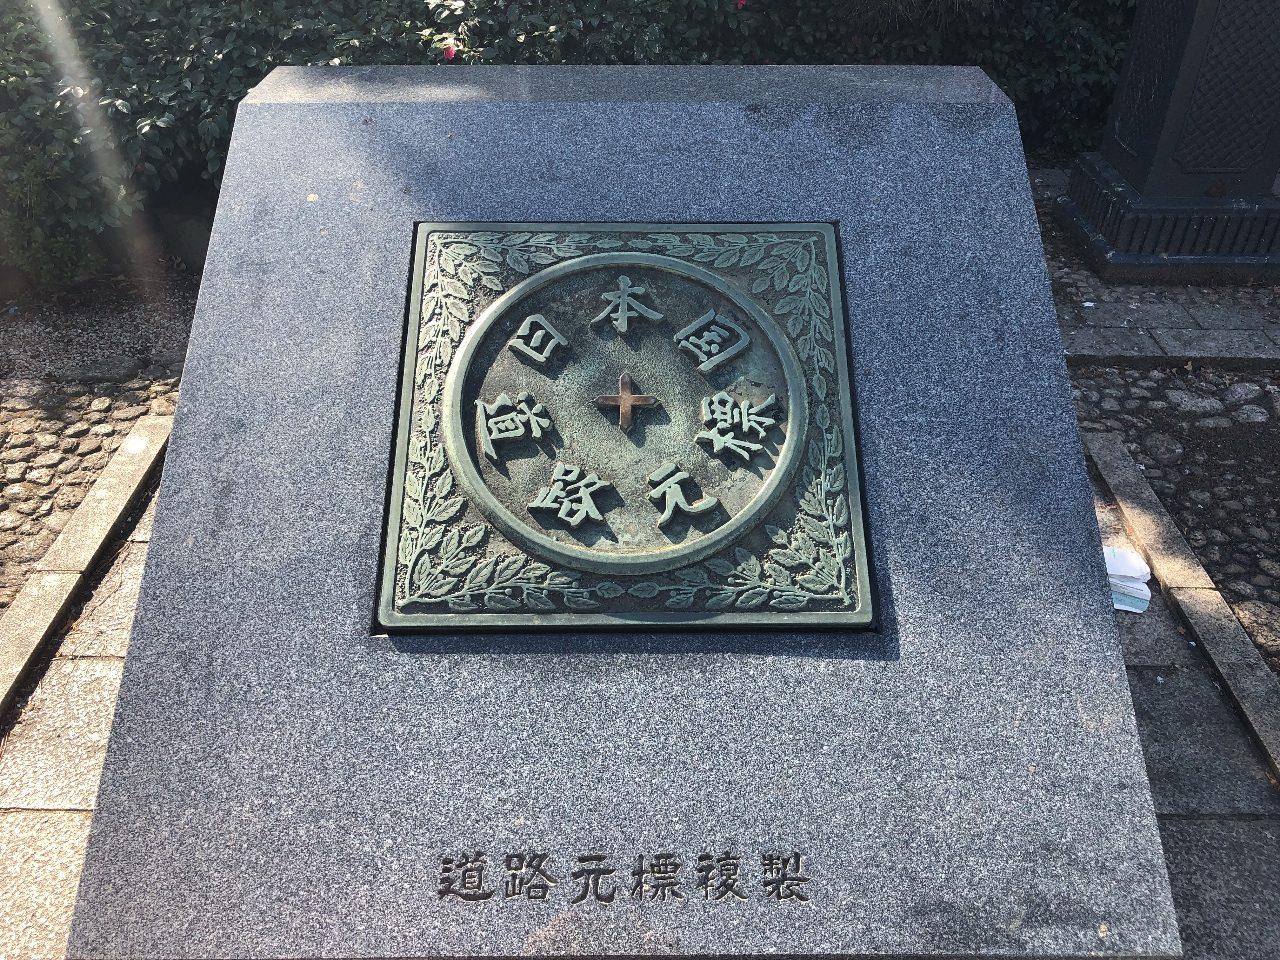 「東京市道路元標」(とうきょうしどうろげんぴょう)